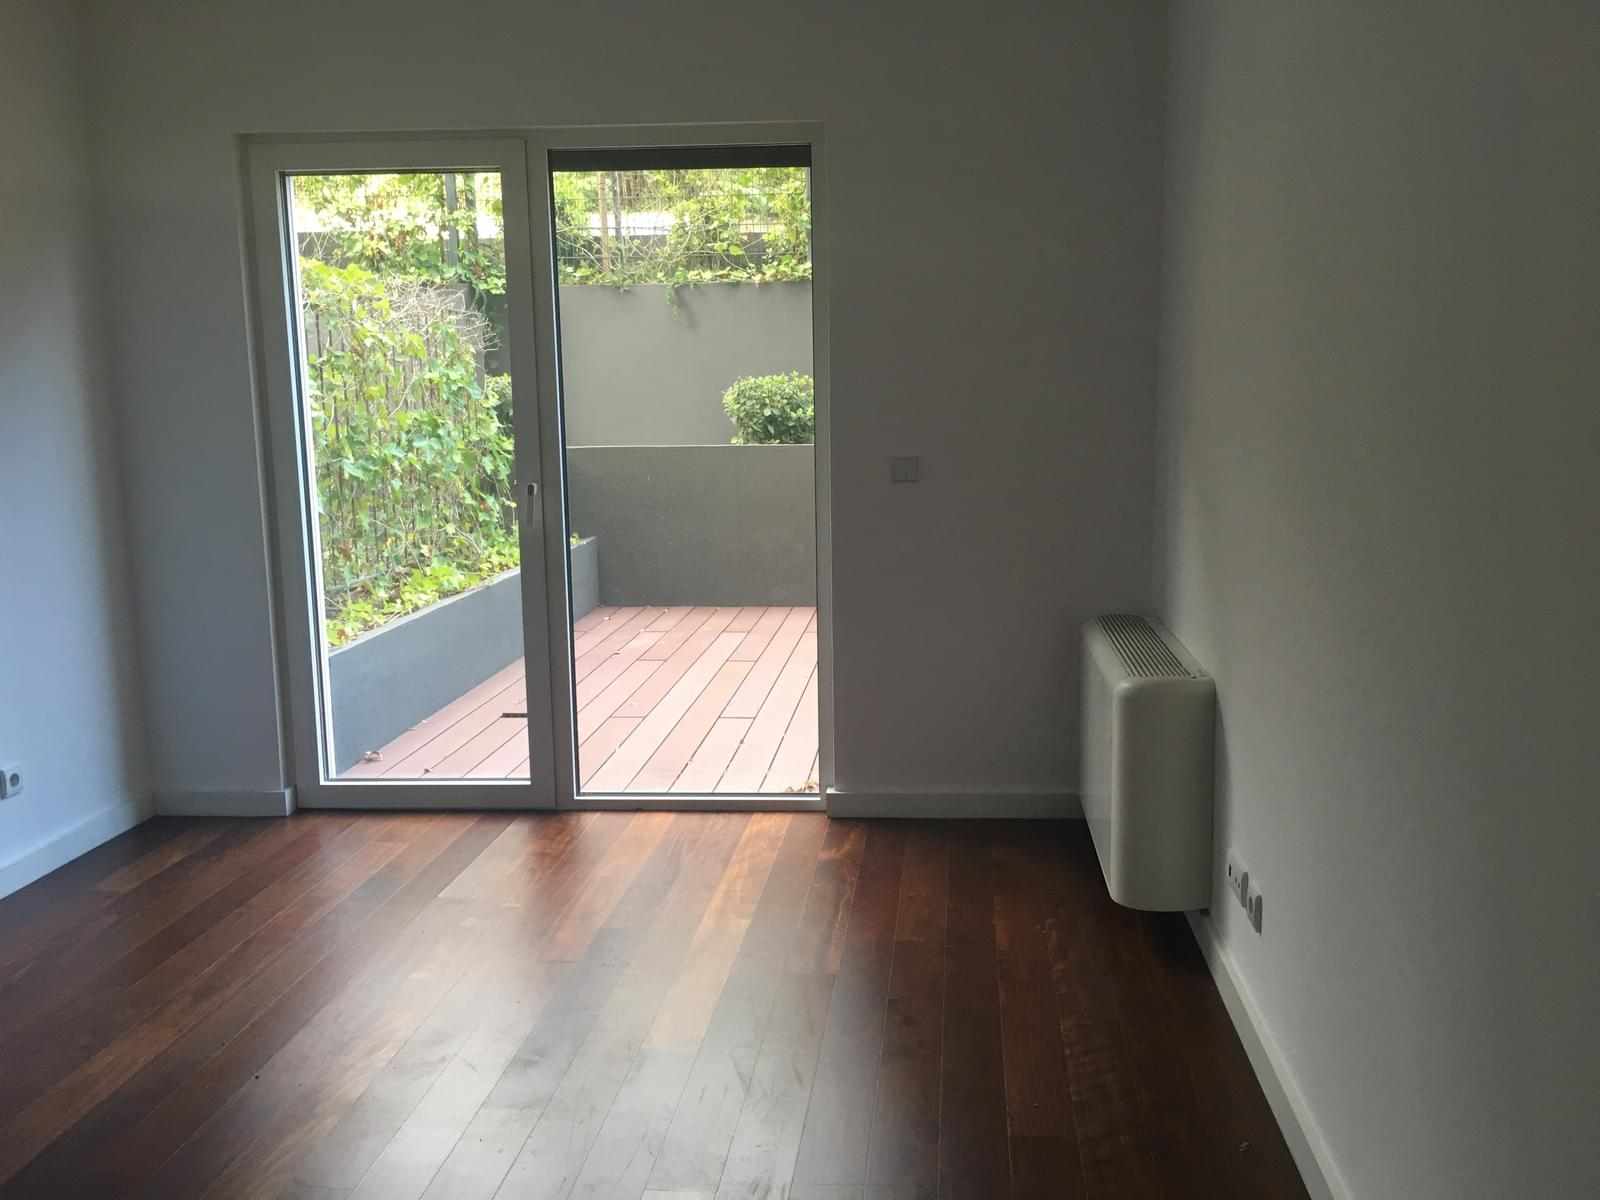 pf17018-apartamento-t2-lisboa-fab130cb-3451-4254-8630-946d1e7c2d86